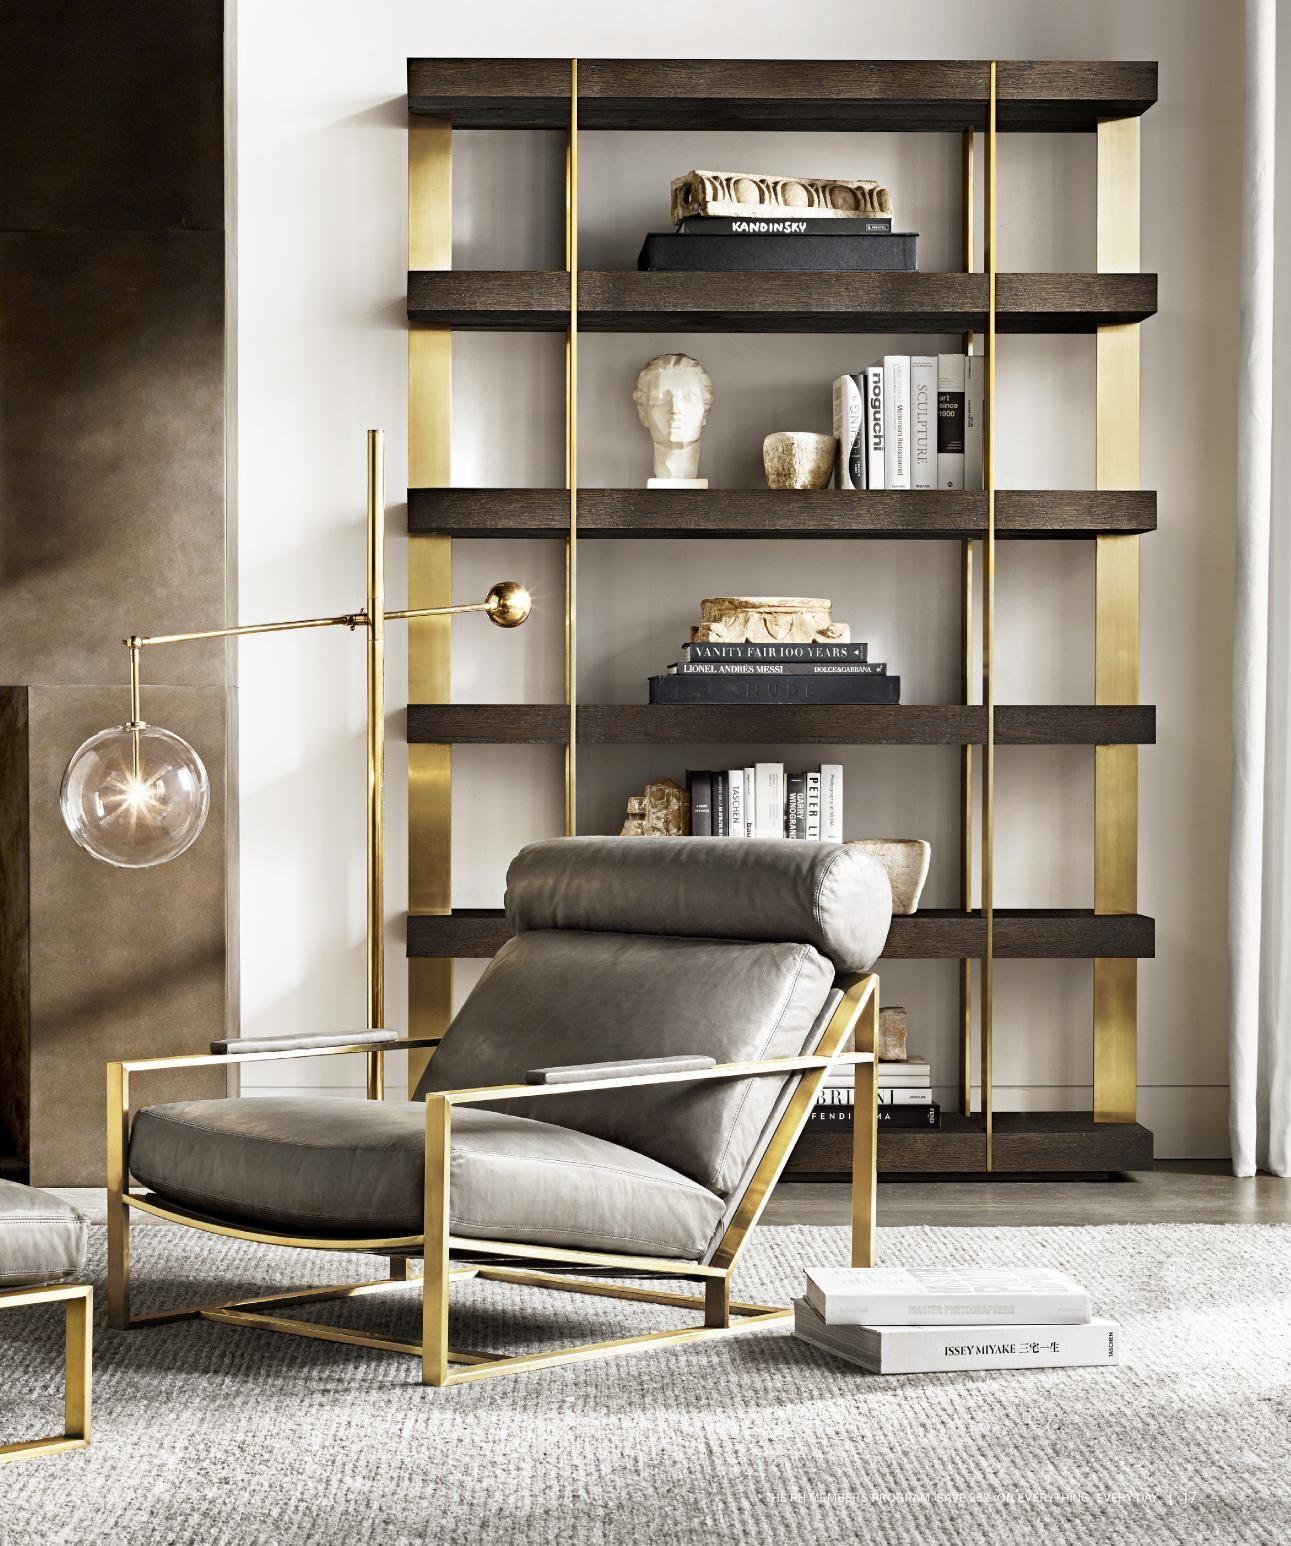 Best Rh Source Books Furniture Modern Furniture Home Decor 400 x 300